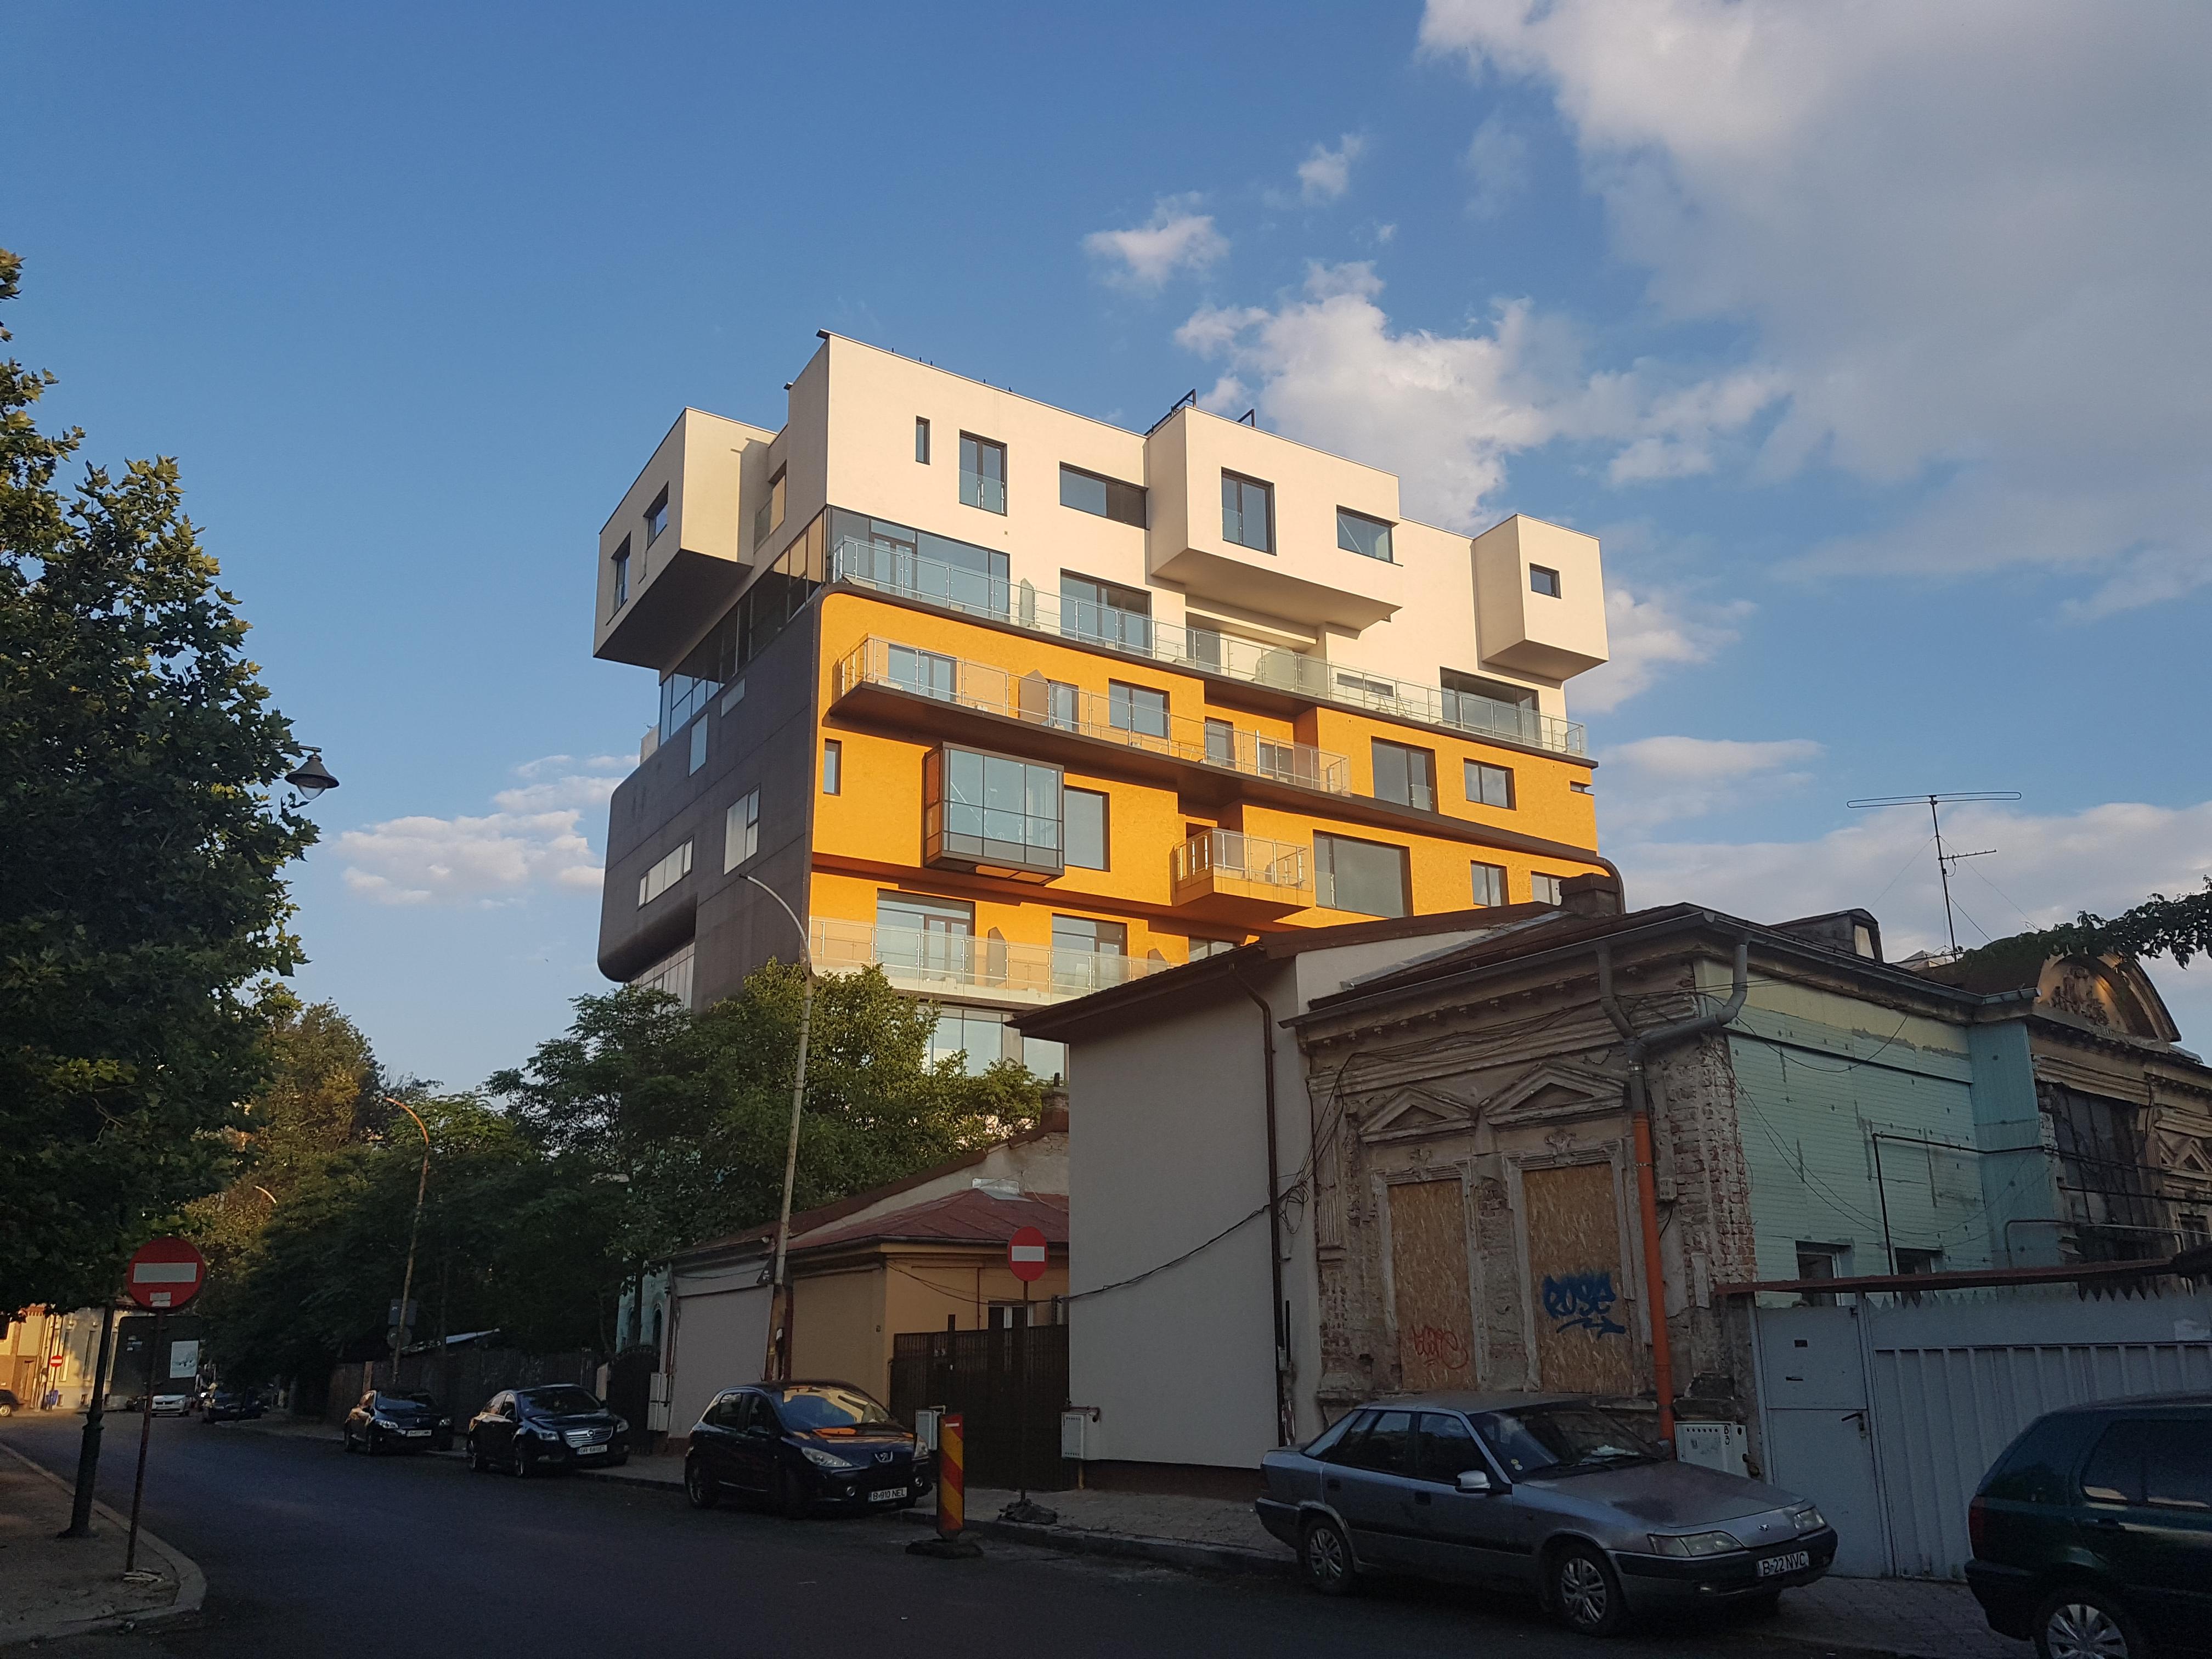 Un bloc cu patru etaje ar putea apărea în zona protejată Mihai Eminescu, vizavi de casa Henrieta Delavrancea, monument istoric. Cum a fost distrusă zona în ultimii 15 ani 38